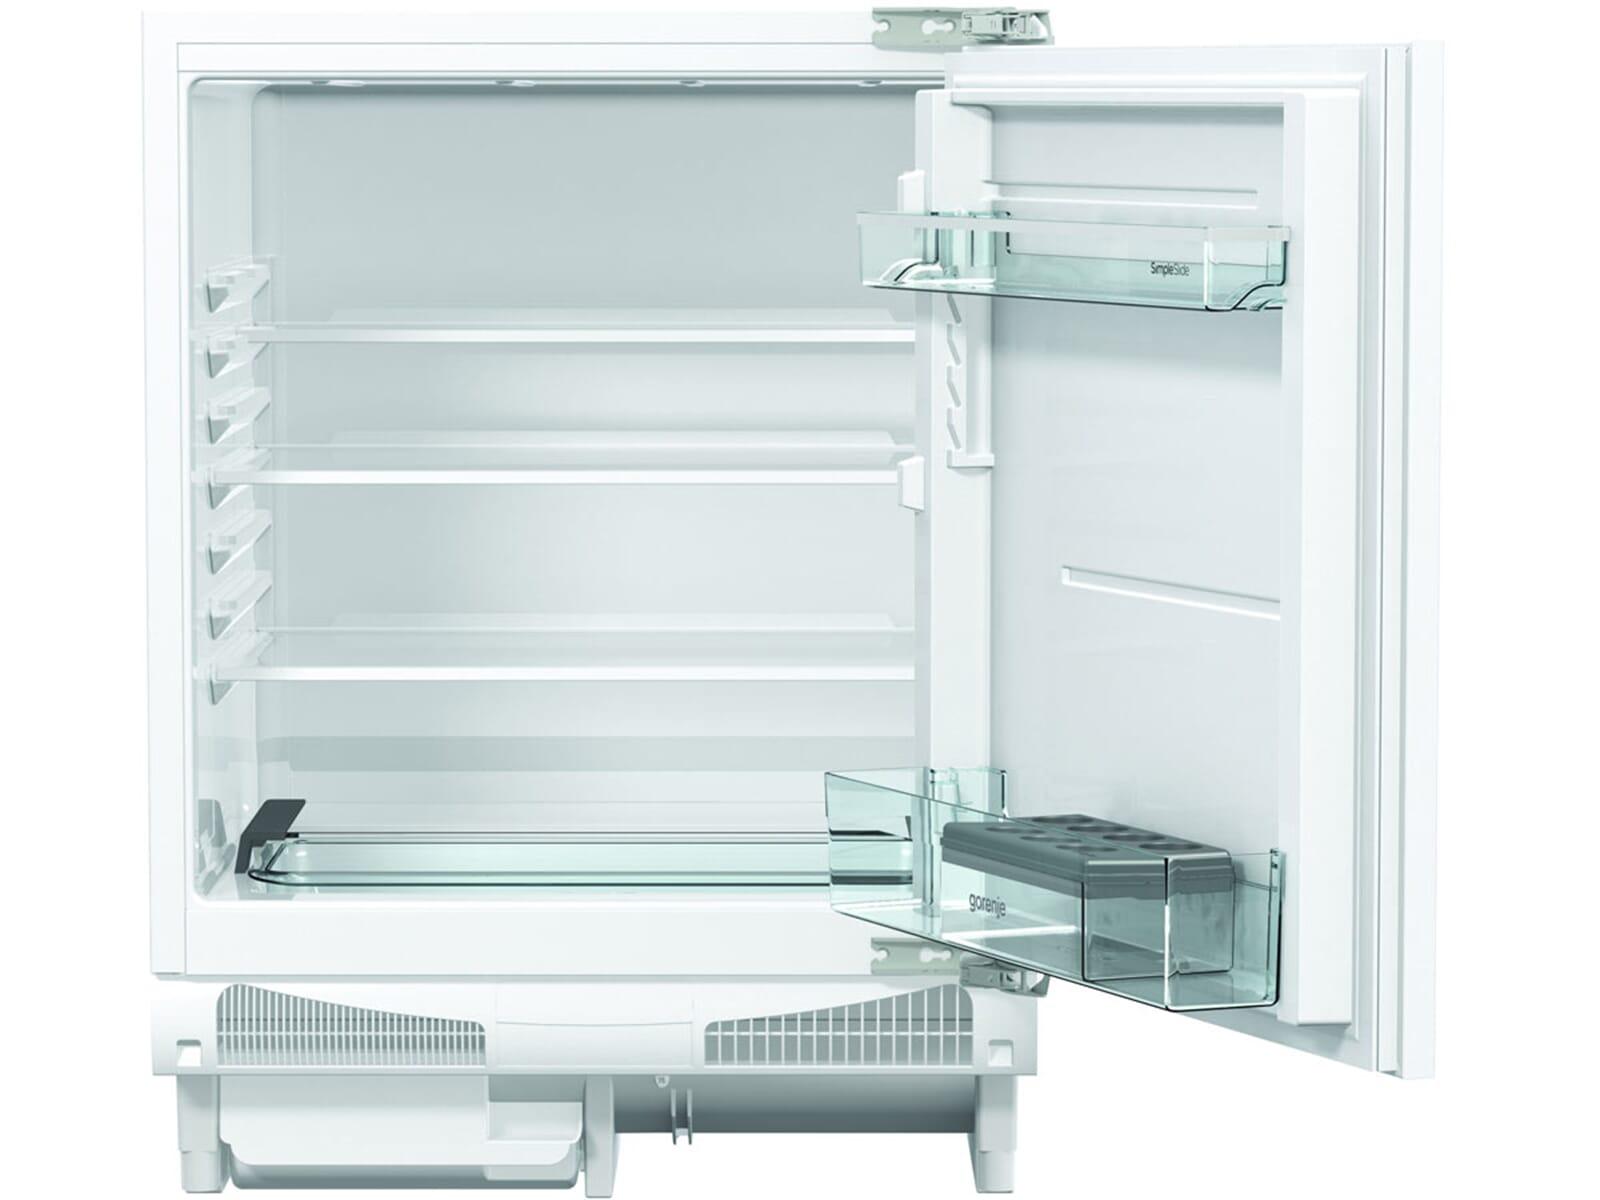 Siemens Kühlschrank Tür Justieren : Küche scharniere reparieren siemens spülmaschine tür einstellen neff